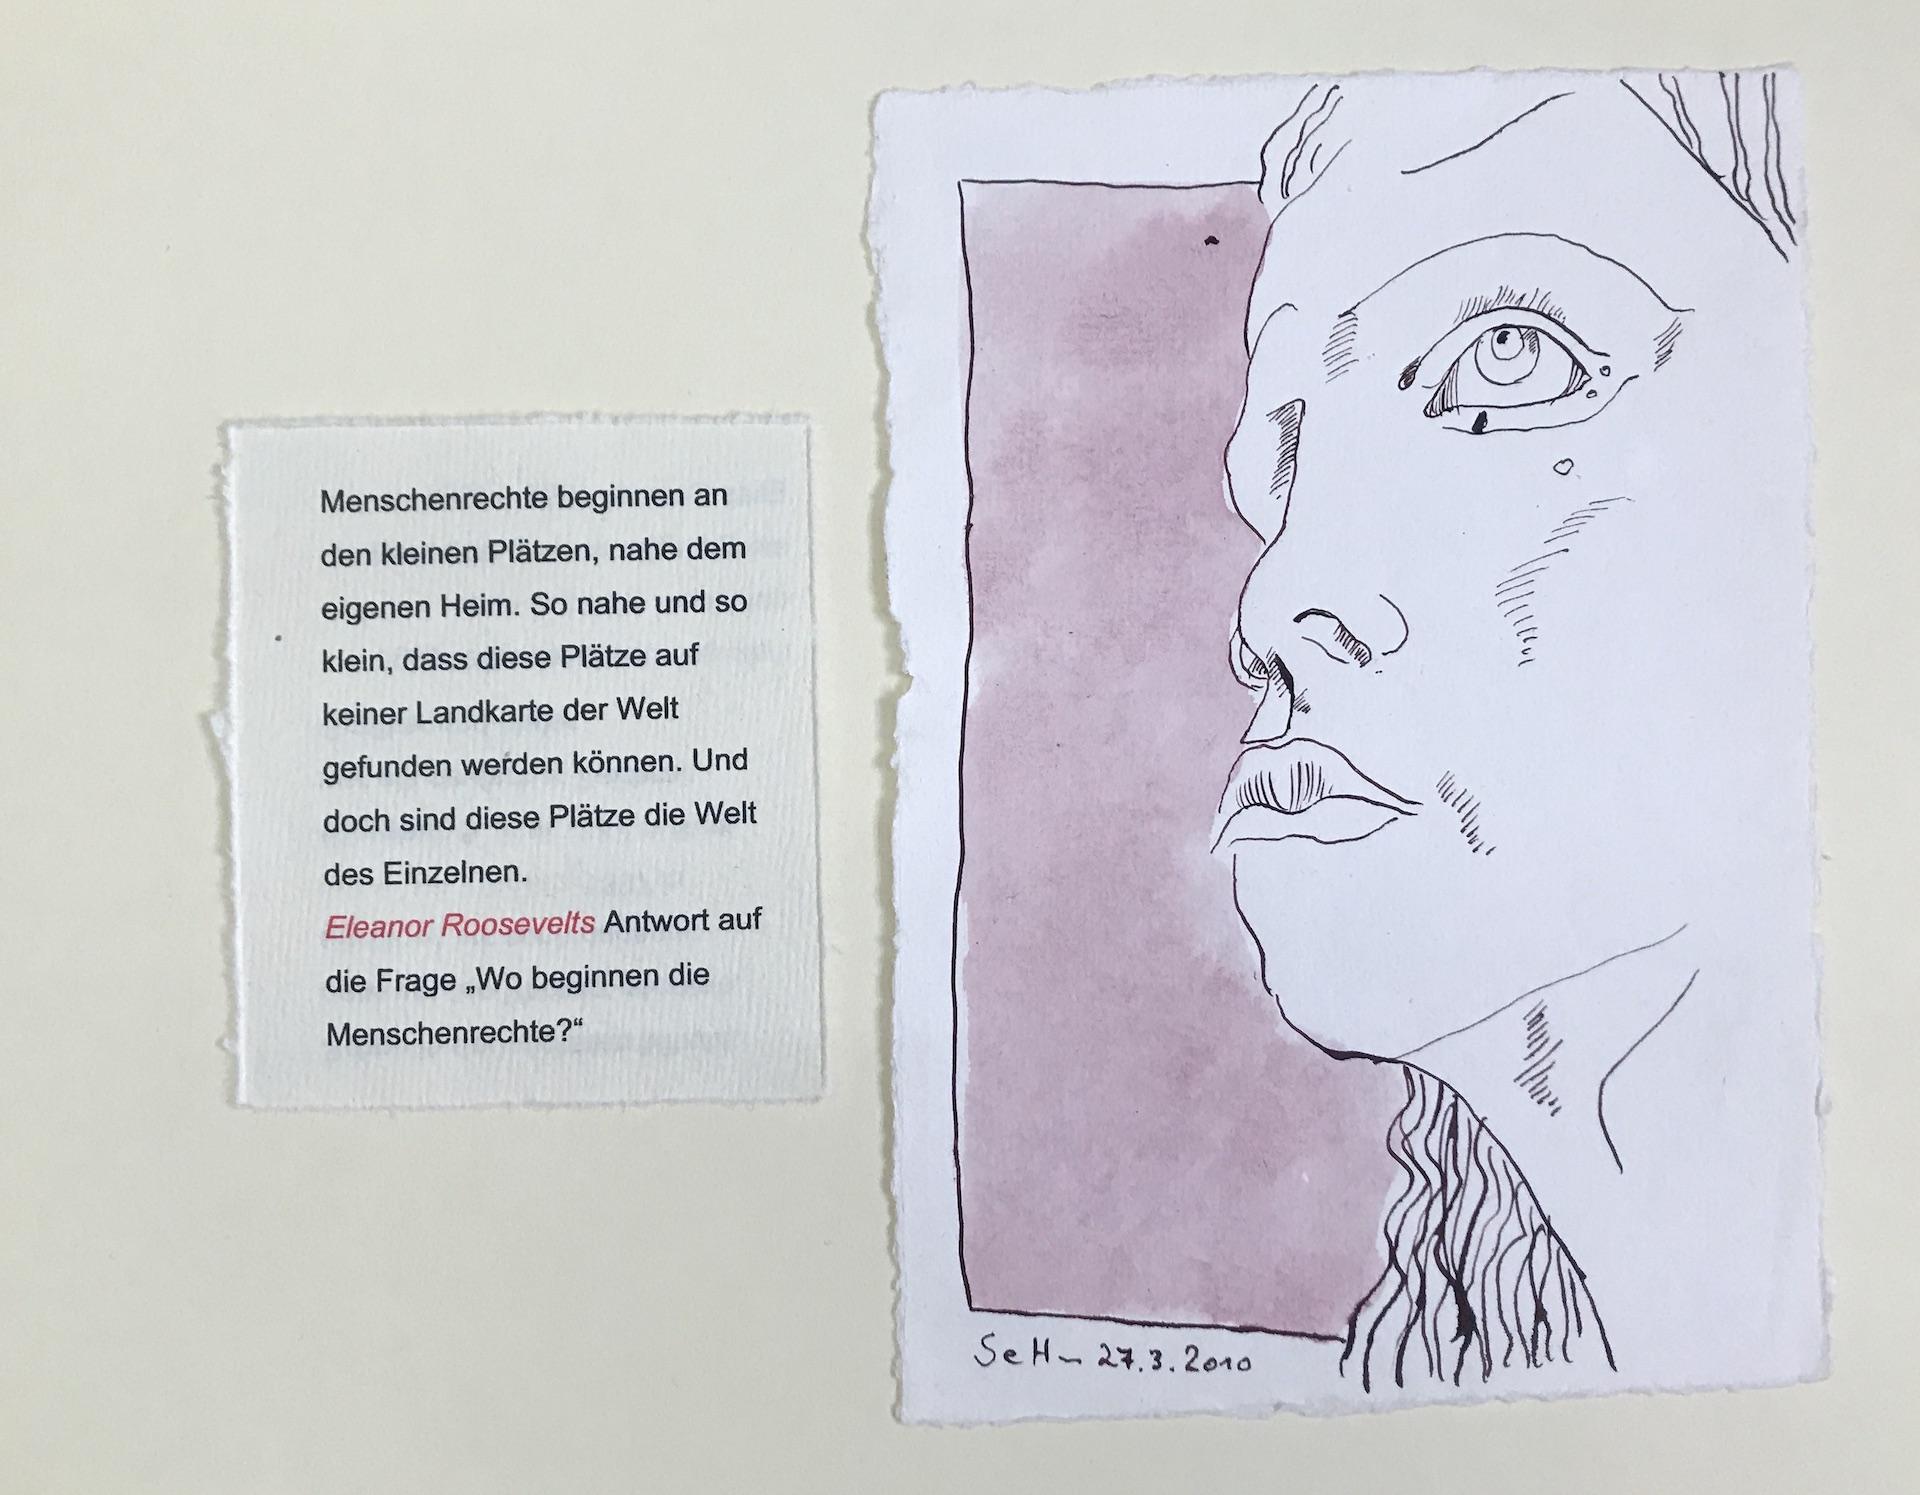 1 Deckblatt Künstlerinnen 1 Unikatbuch für Itha Bonitz (c) Susanne Haun